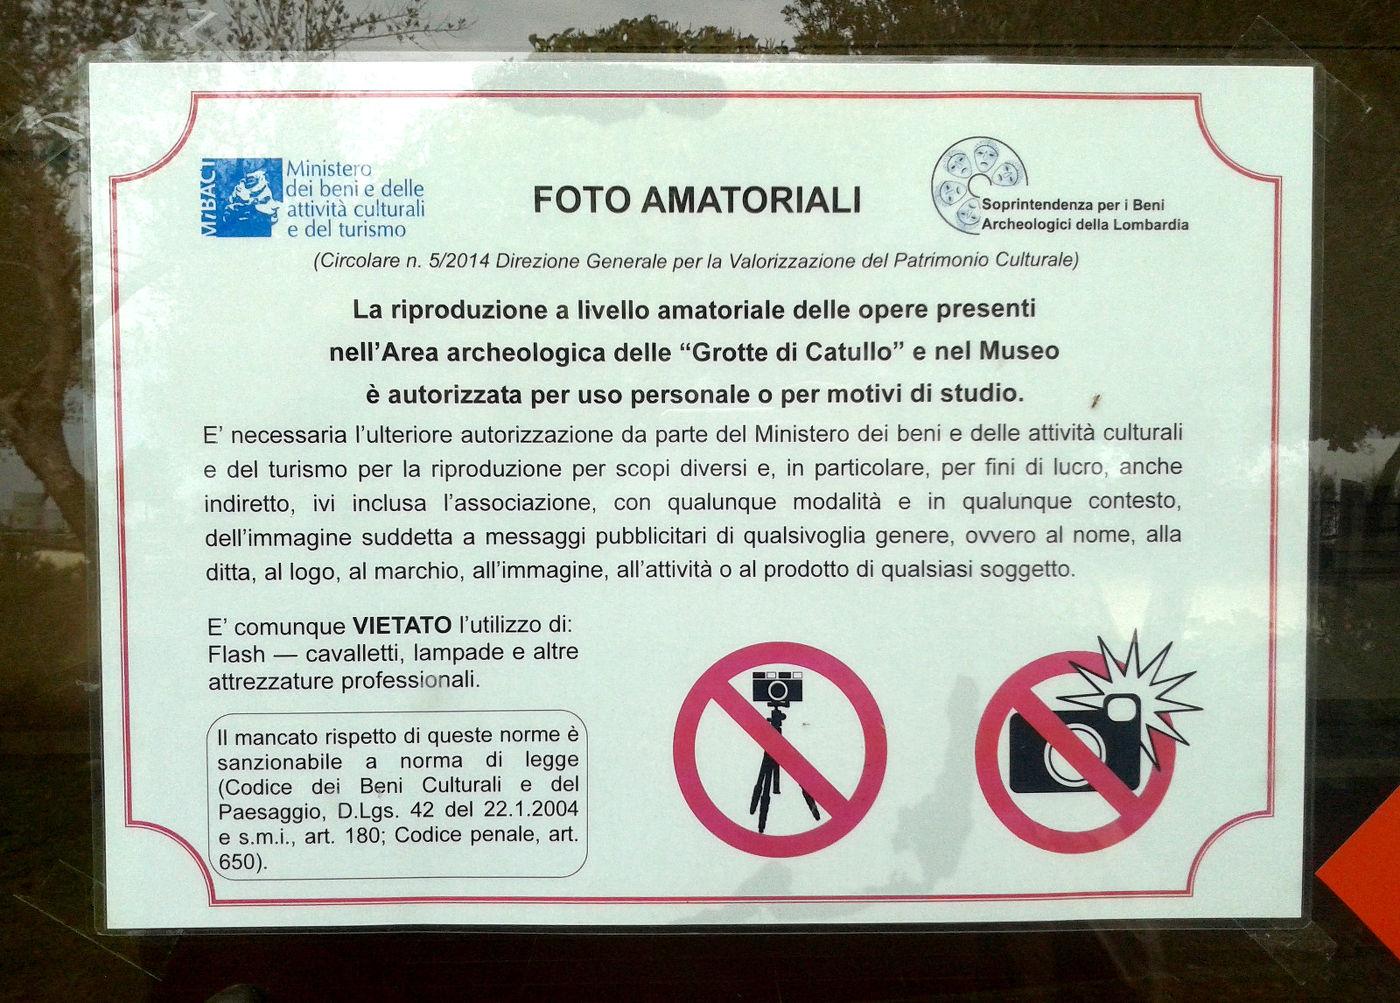 Permessi fotografici alle Grotte di Catullo